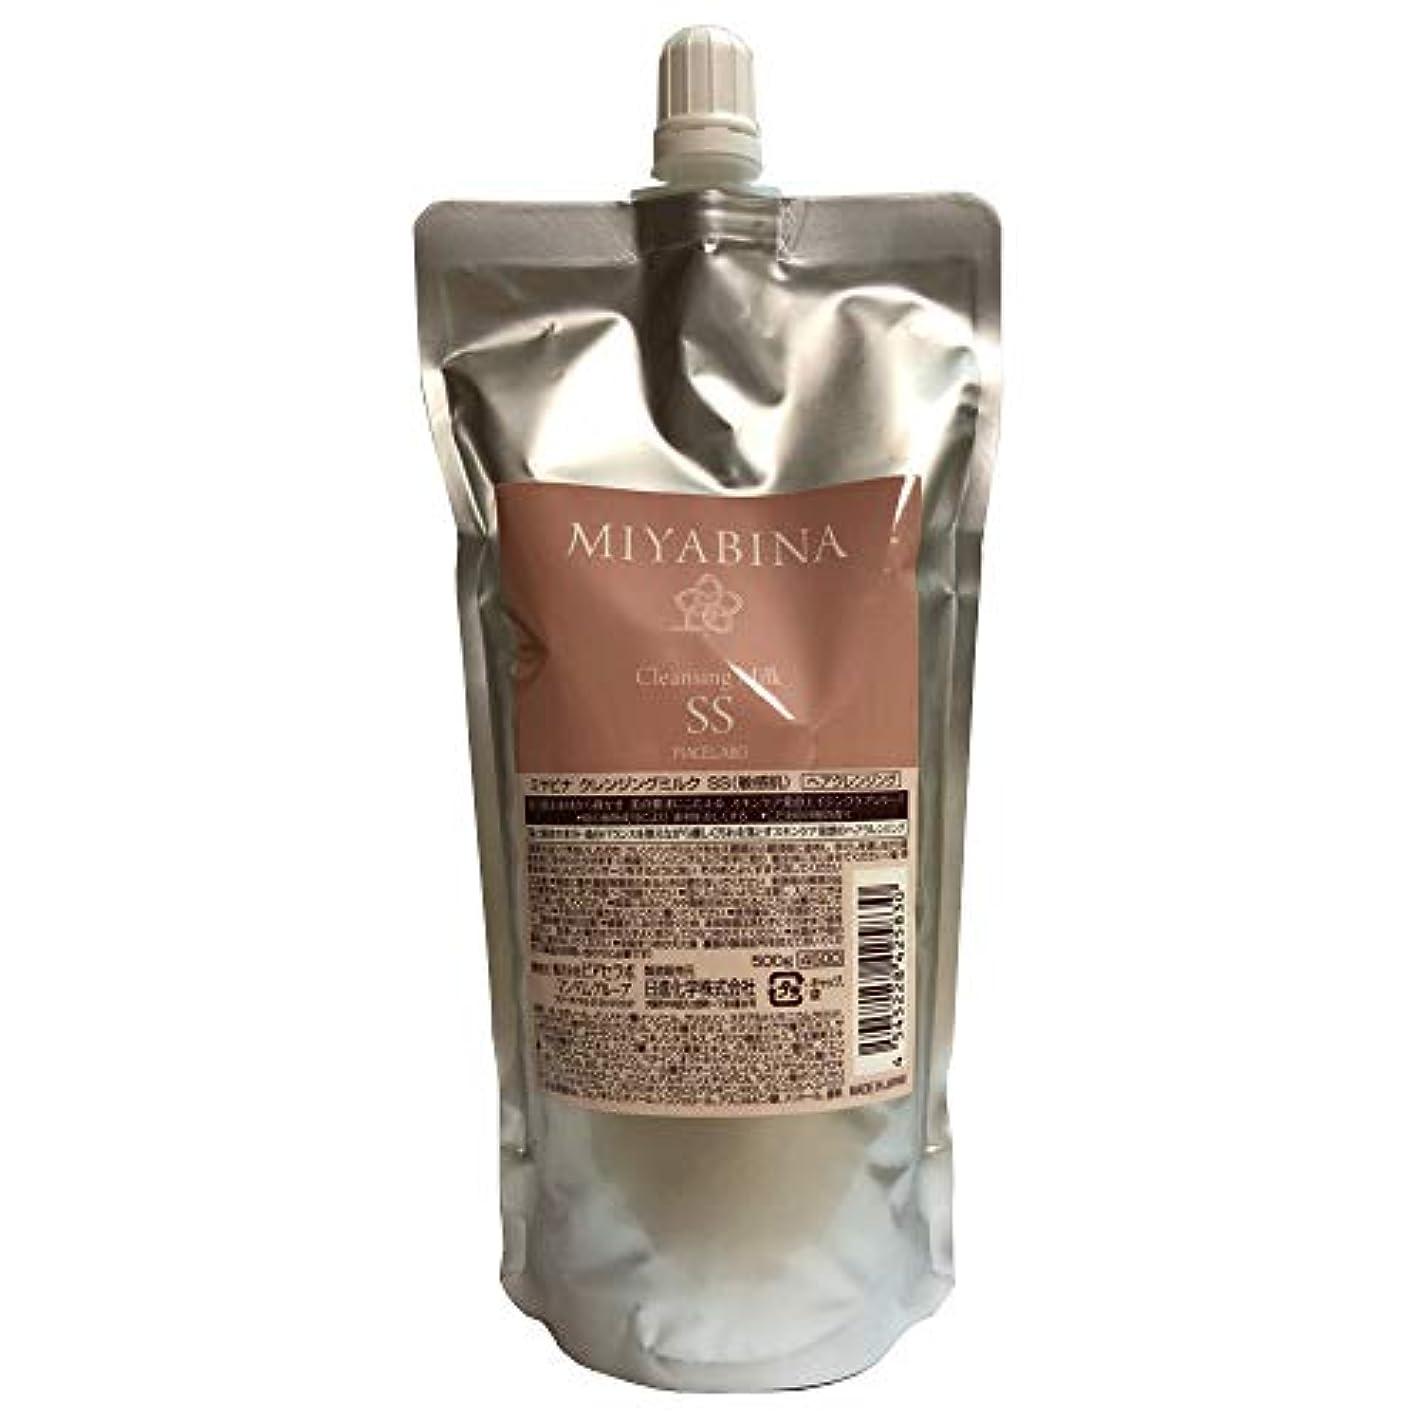 トライアスロン真夜中家禽ミヤビナ クレンジングミルク SS(敏感肌) 500g レフィル(詰め替え)